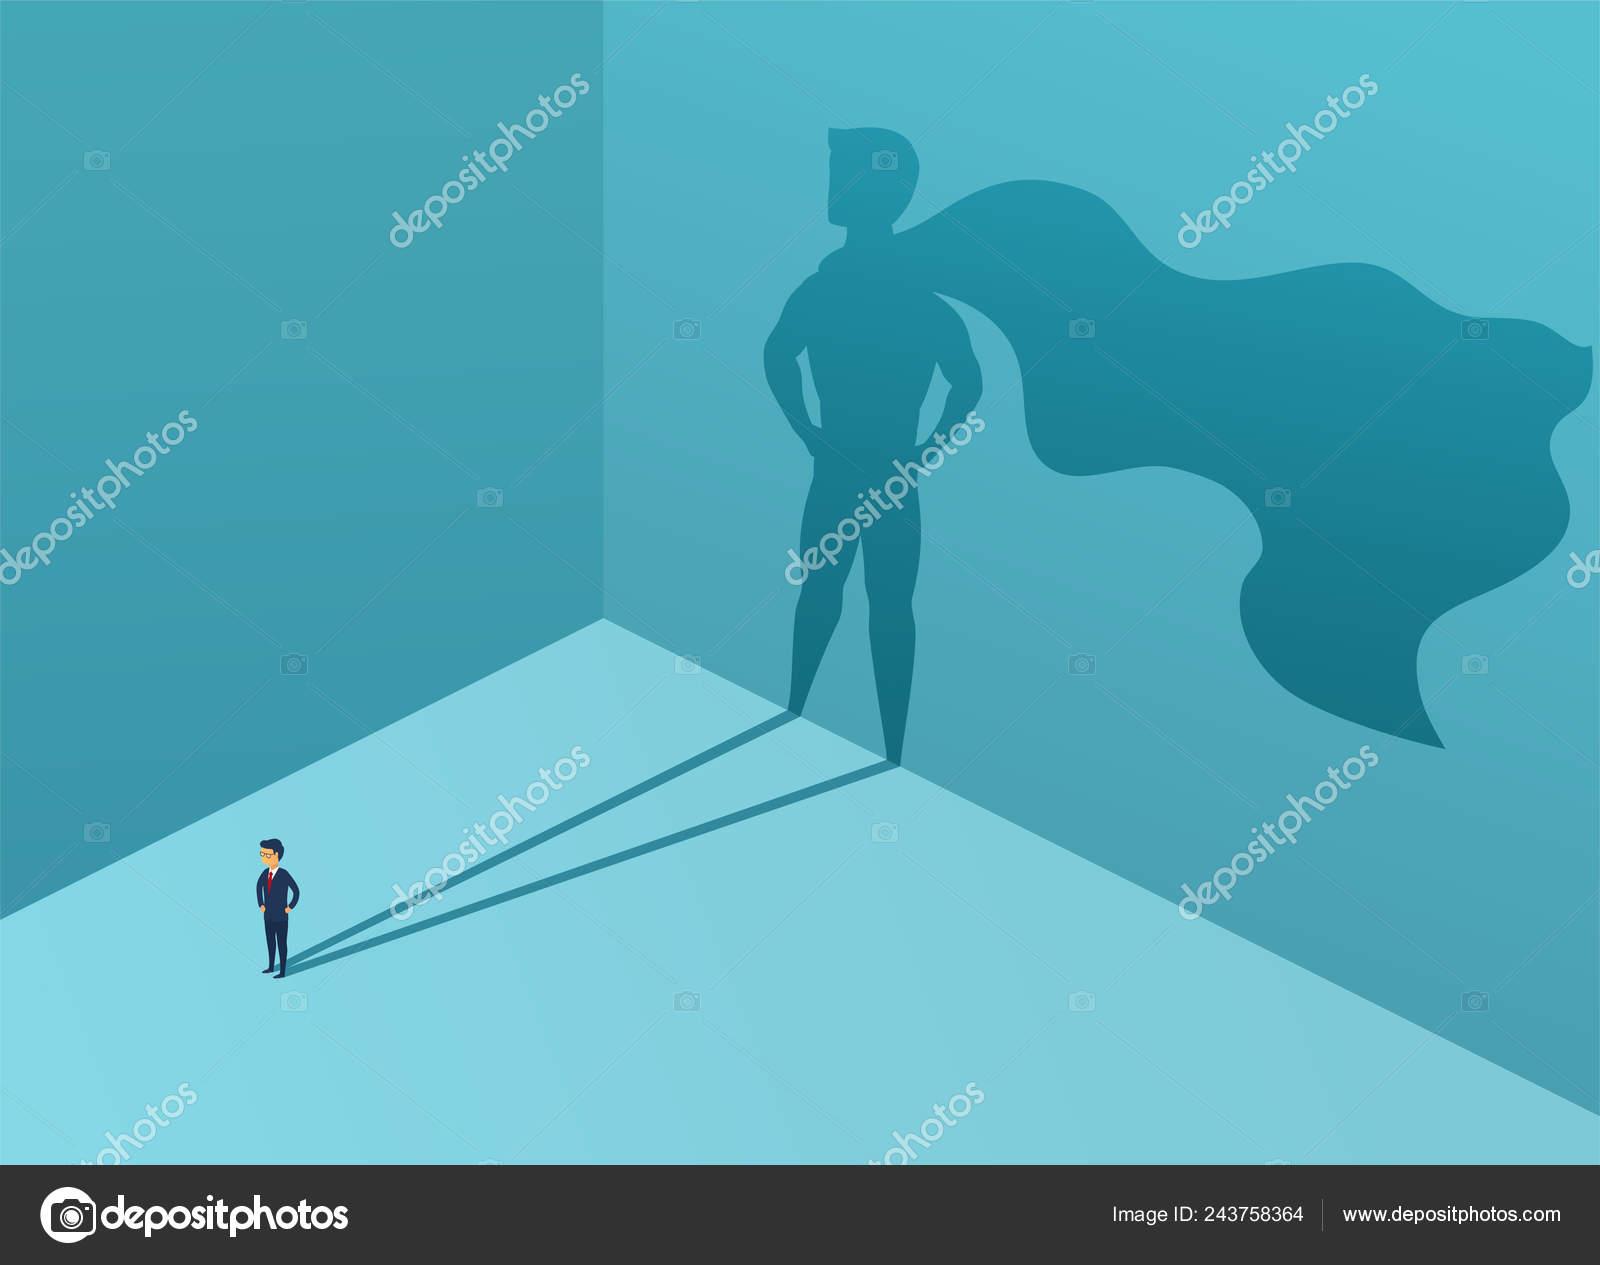 4e2181fdb69 Бизнесмен с тенью супергероя. Супер менеджер лидер в бизнесе. Успех  концепции